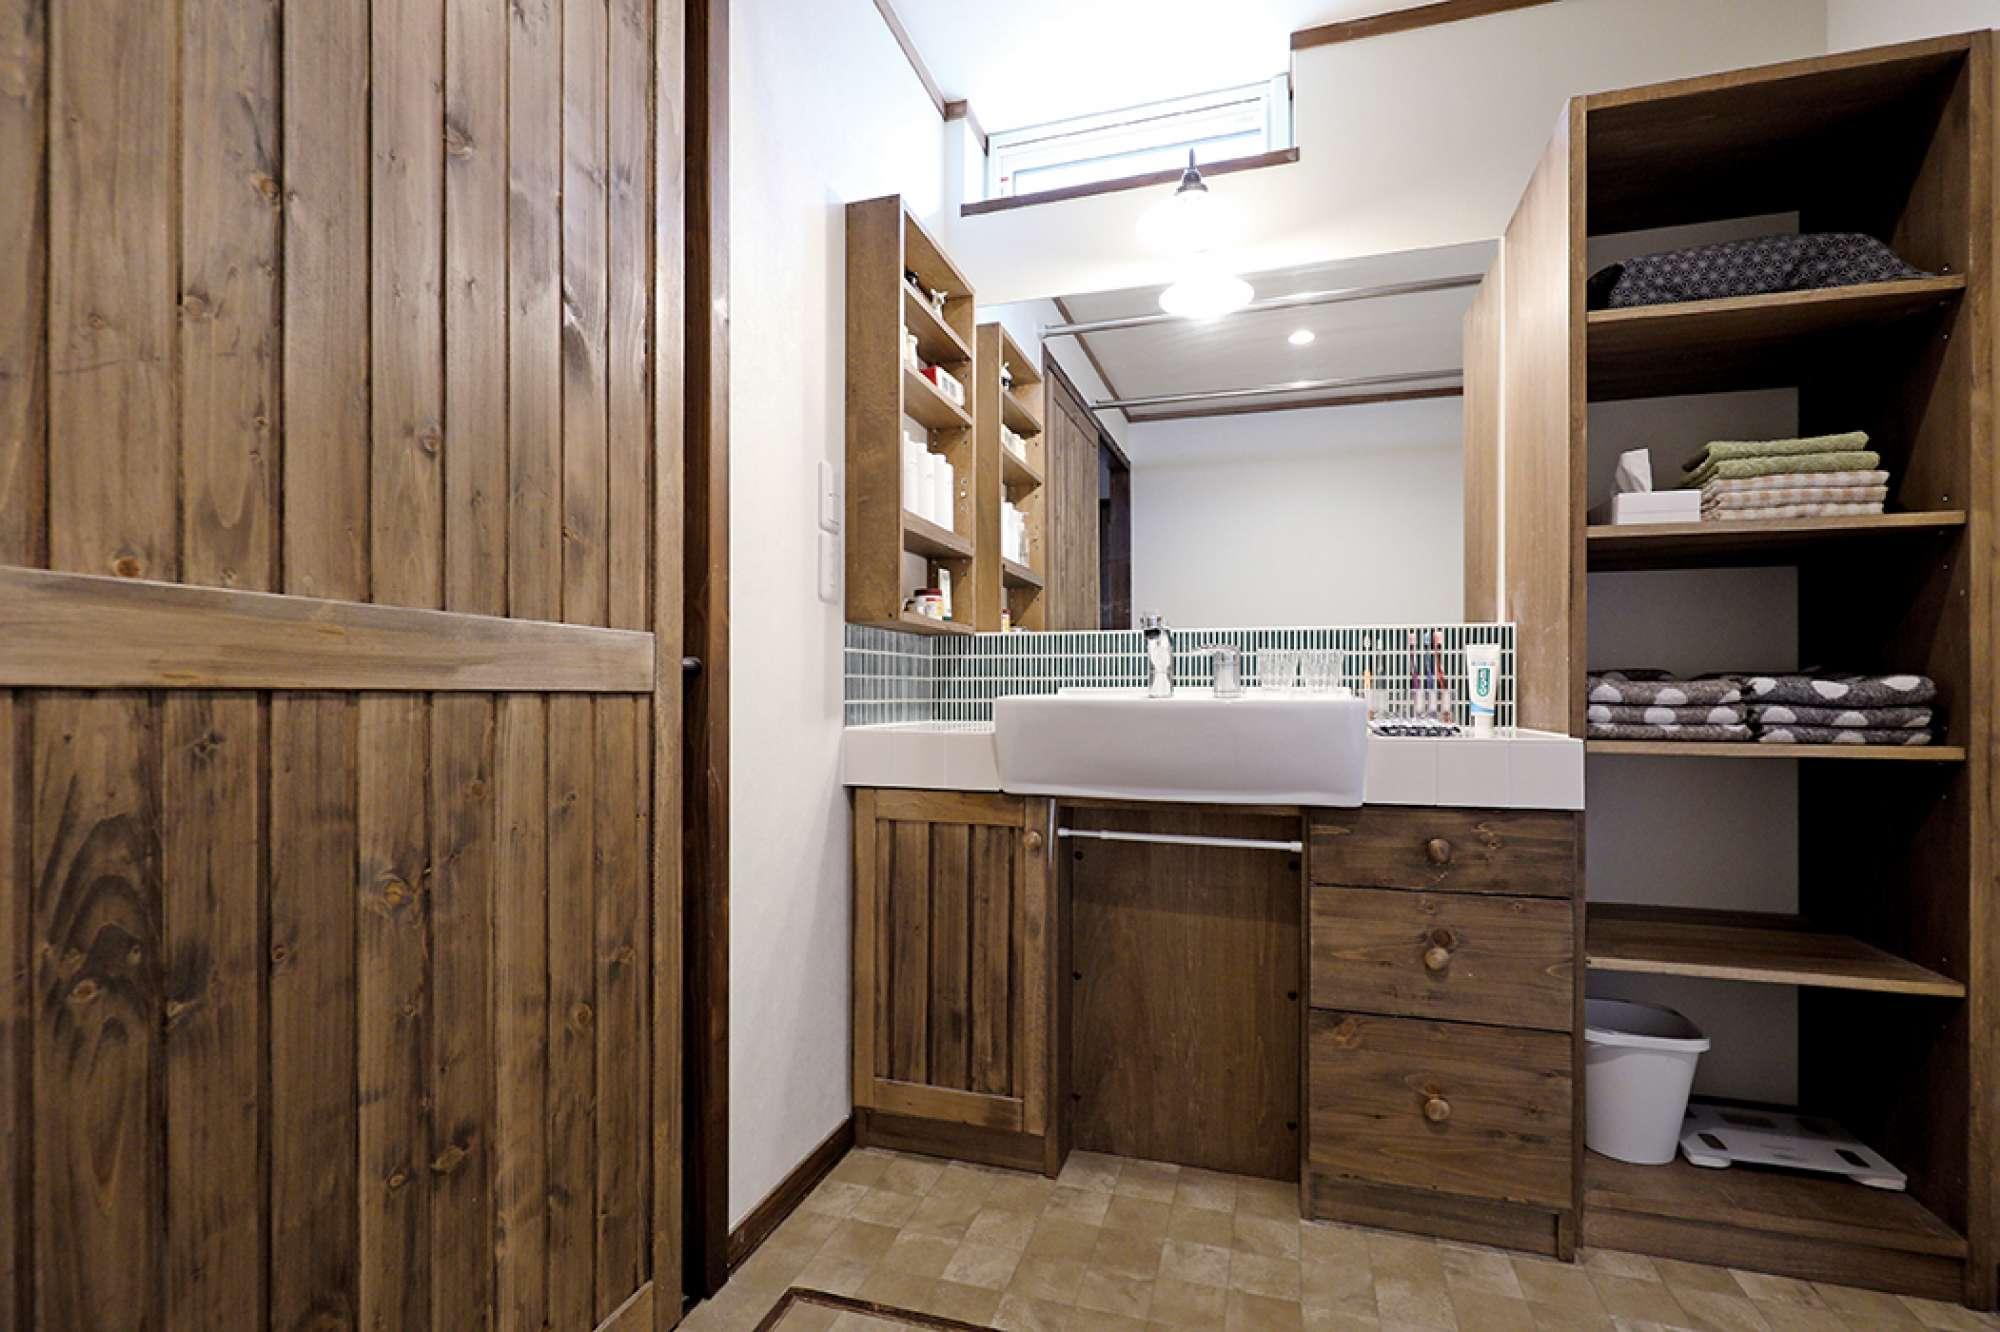 造作洗面化粧台と収納棚を配した広い洗面脱衣室 -  -  -